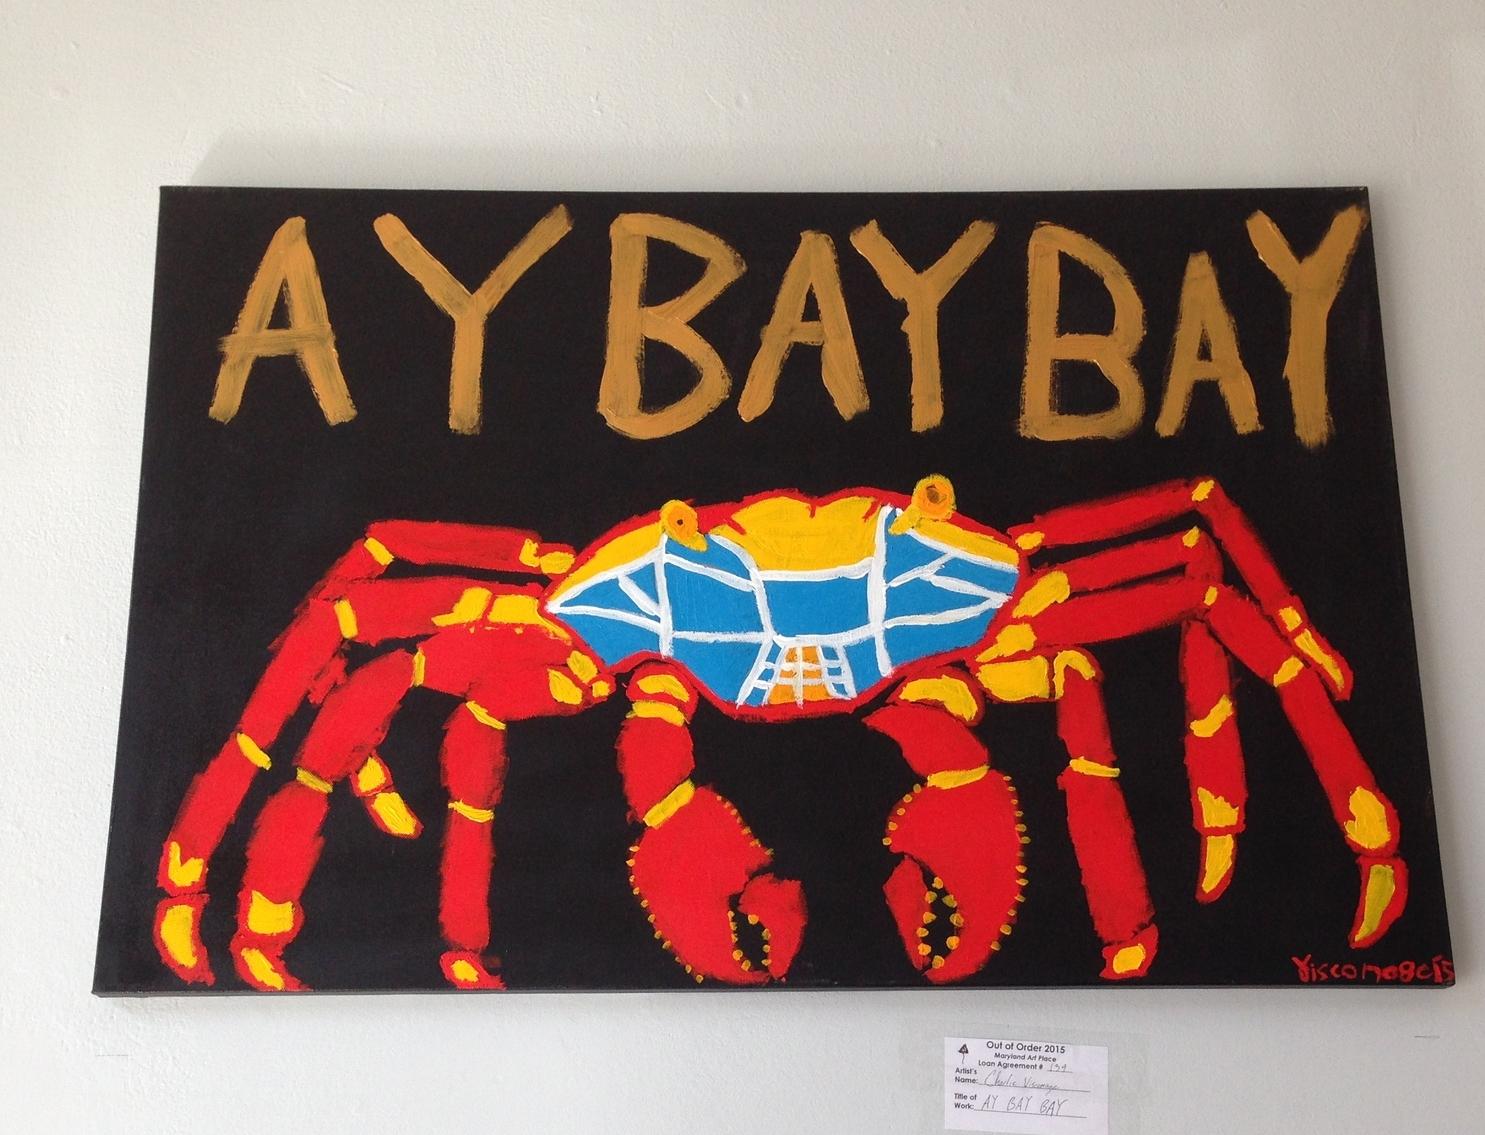 aybaybay